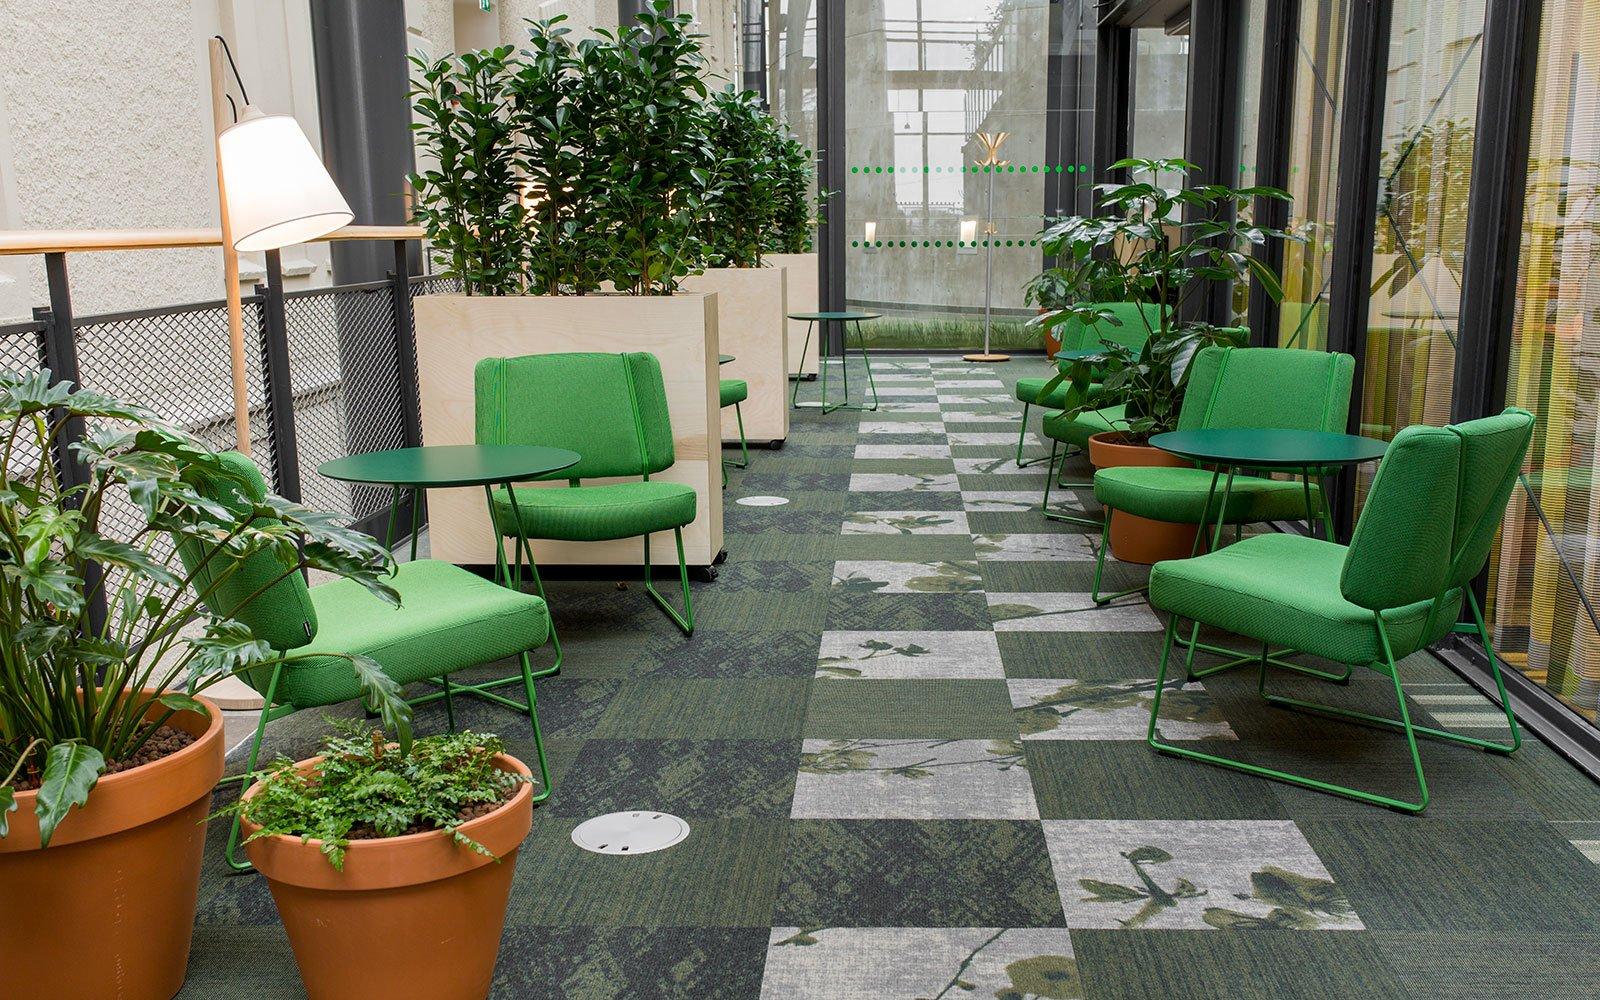 Sustainable-Rawline-Scala-Ecotrust-carpet-tiles